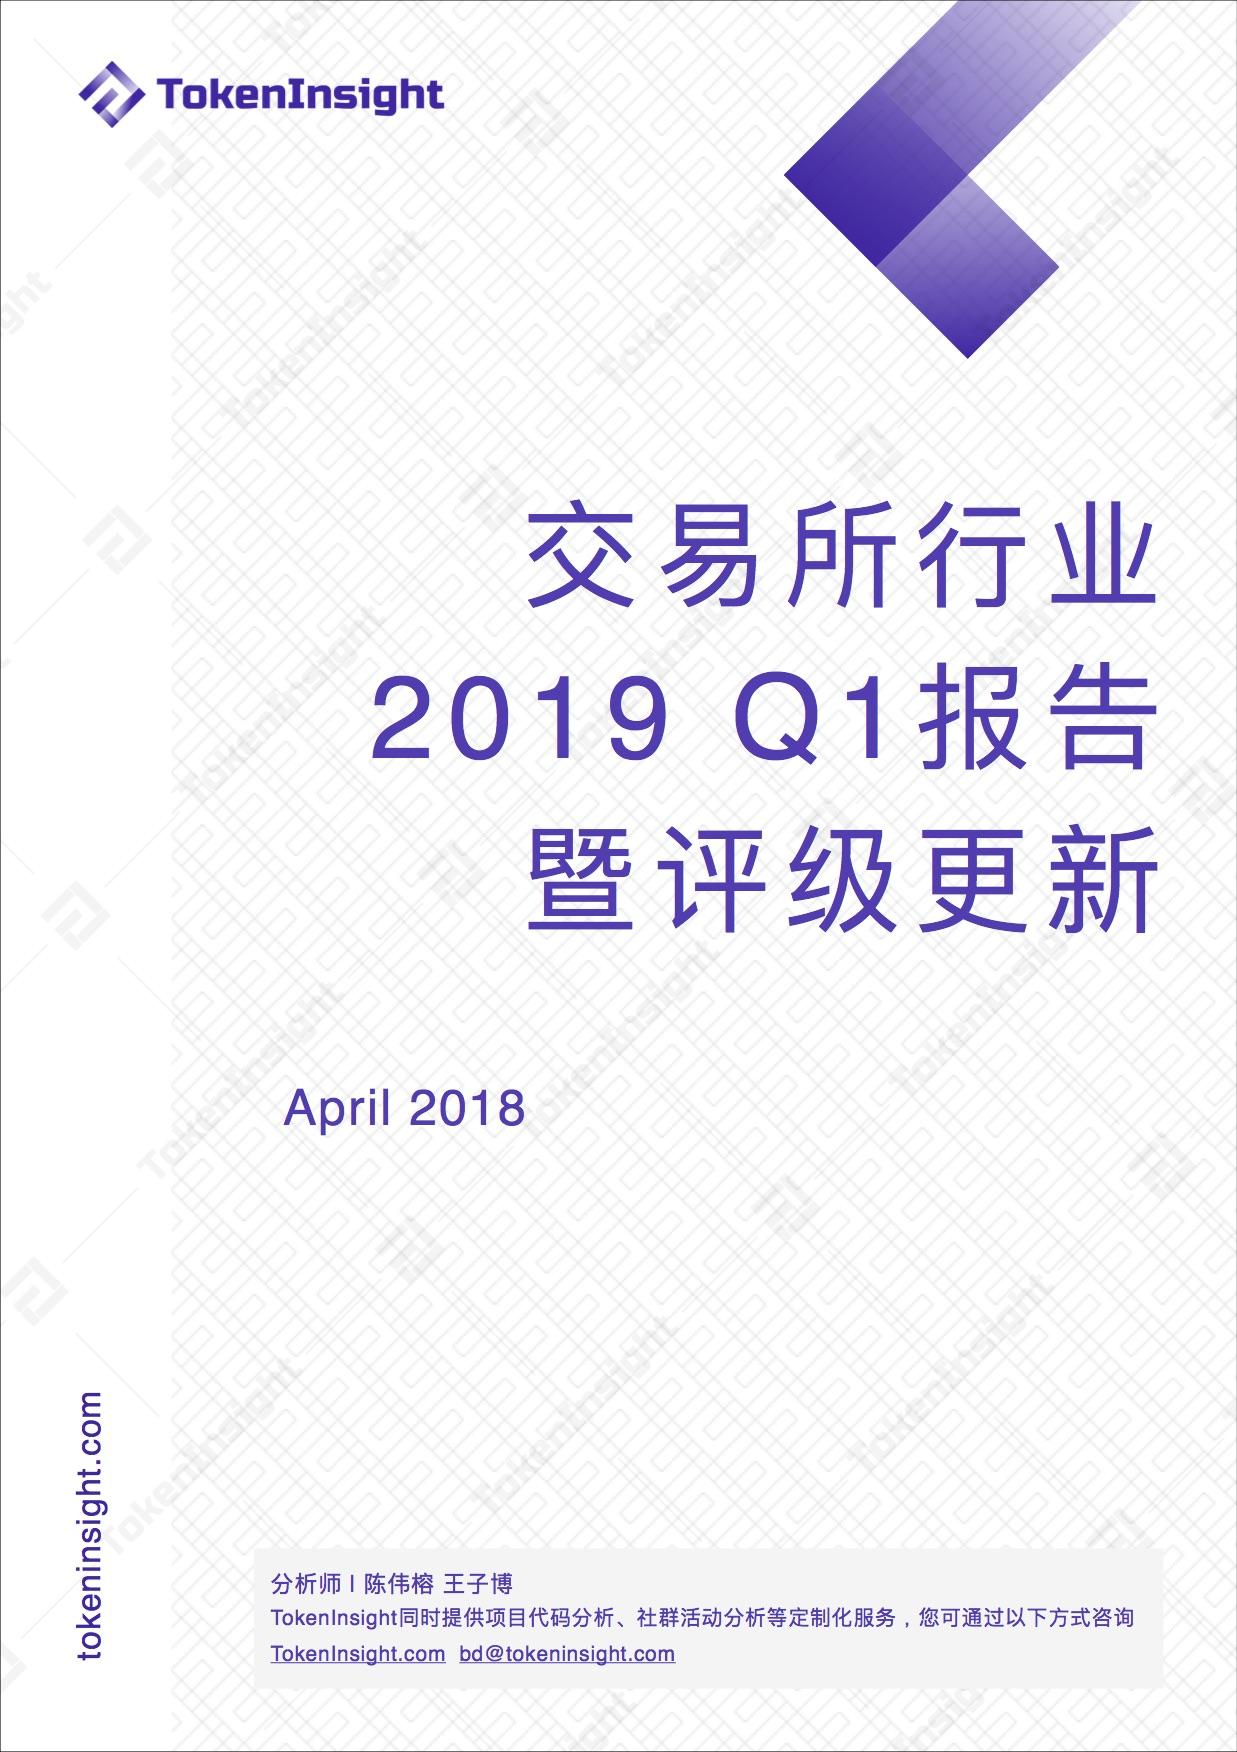 交易所行业2019 Q1报告暨评级更新 | TokenInsight